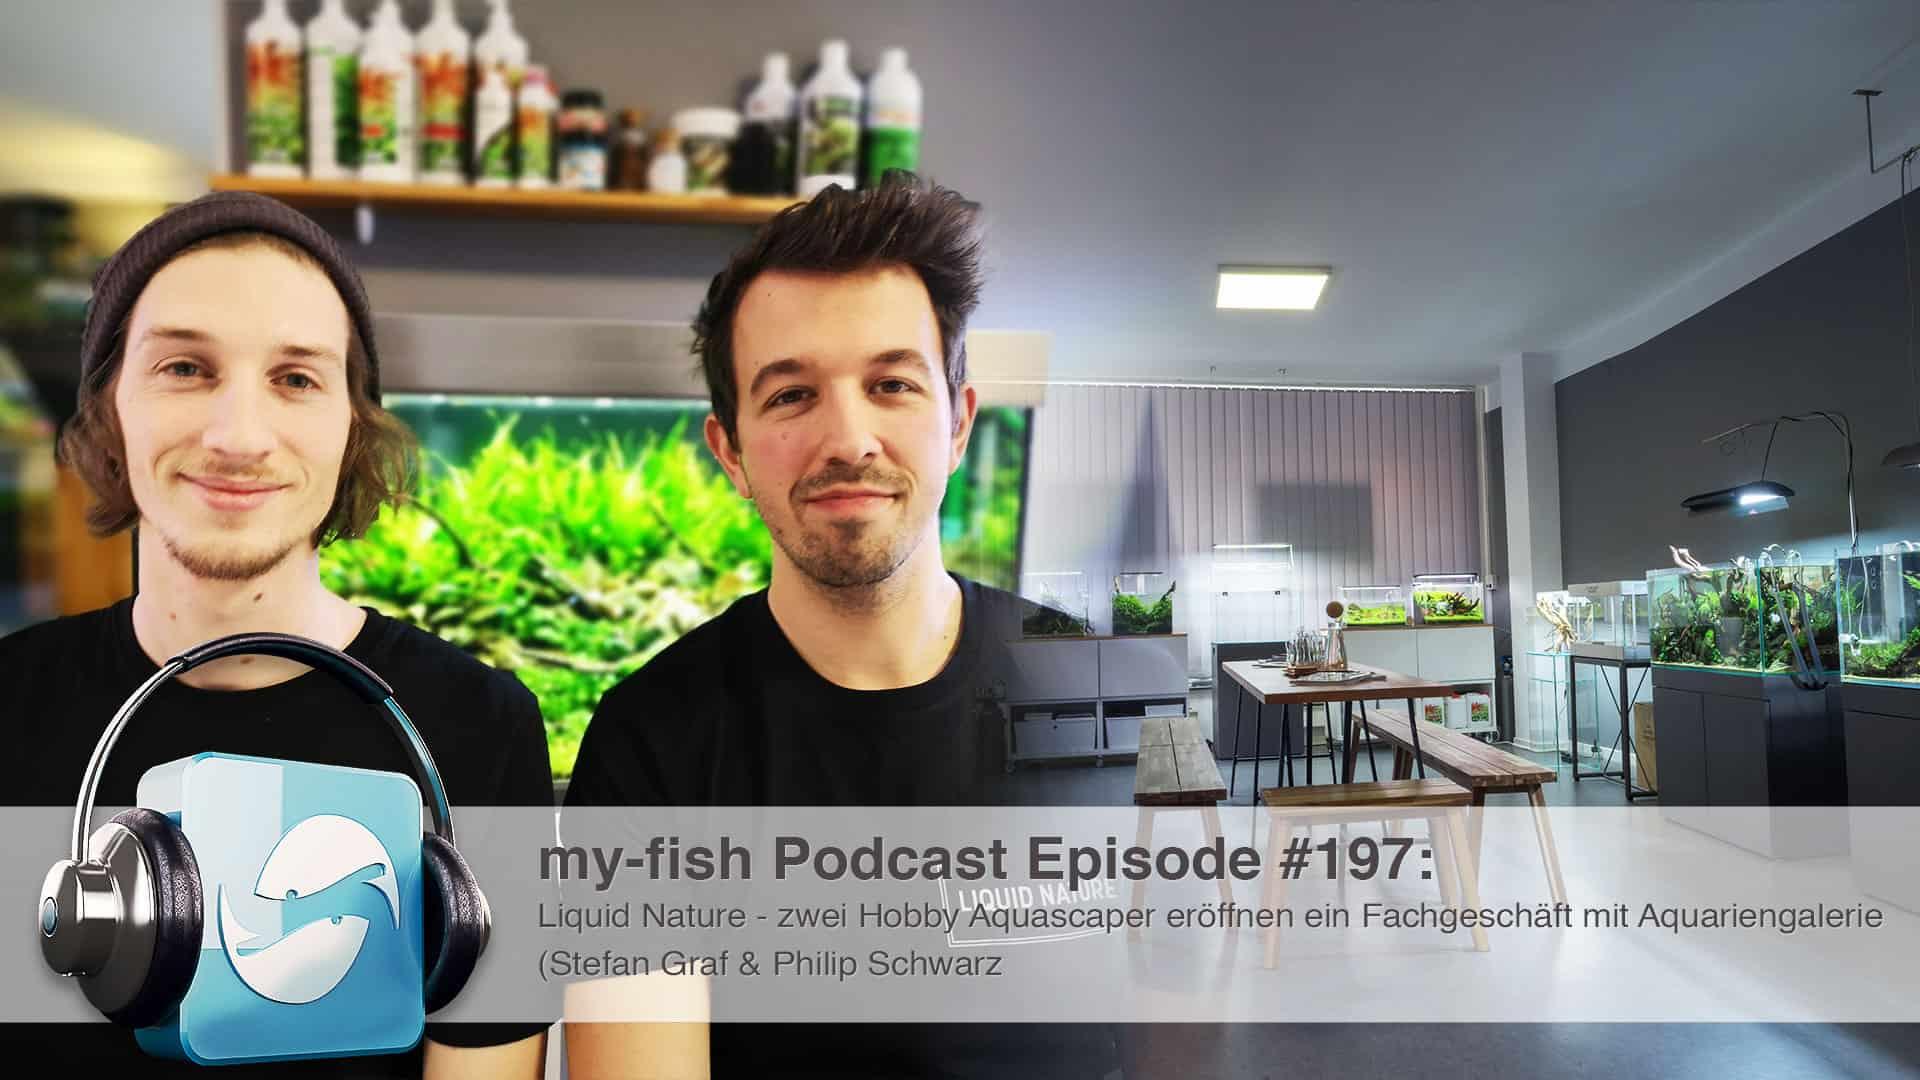 Podcast Episode #197: Liquid Nature - zwei Hobby Aquascaper eröffnen ein Fachgeschäft mit Aquariengalerie (Stefan Graf & Philip Schwarz) 1